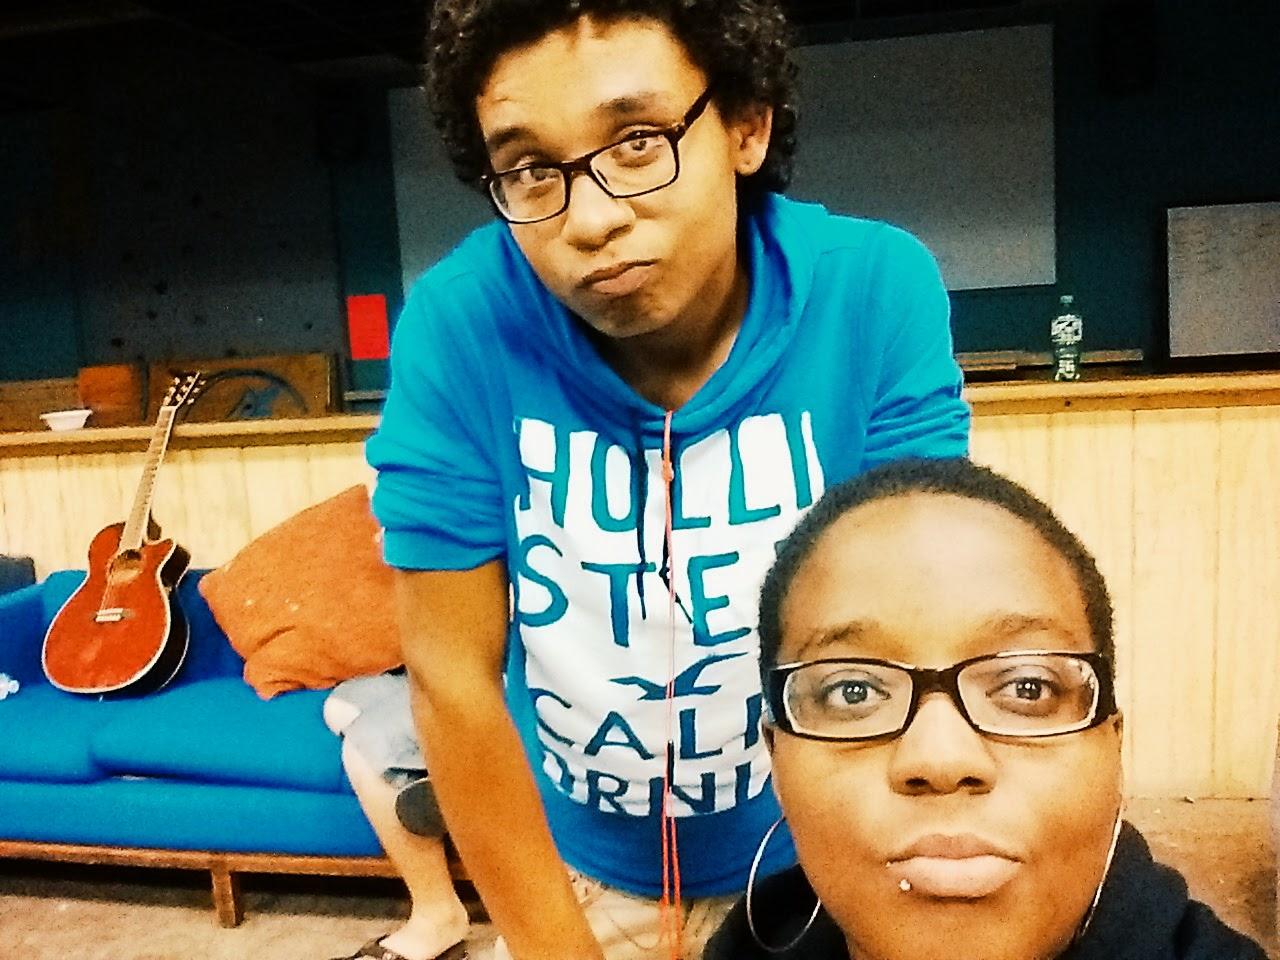 Drew and I